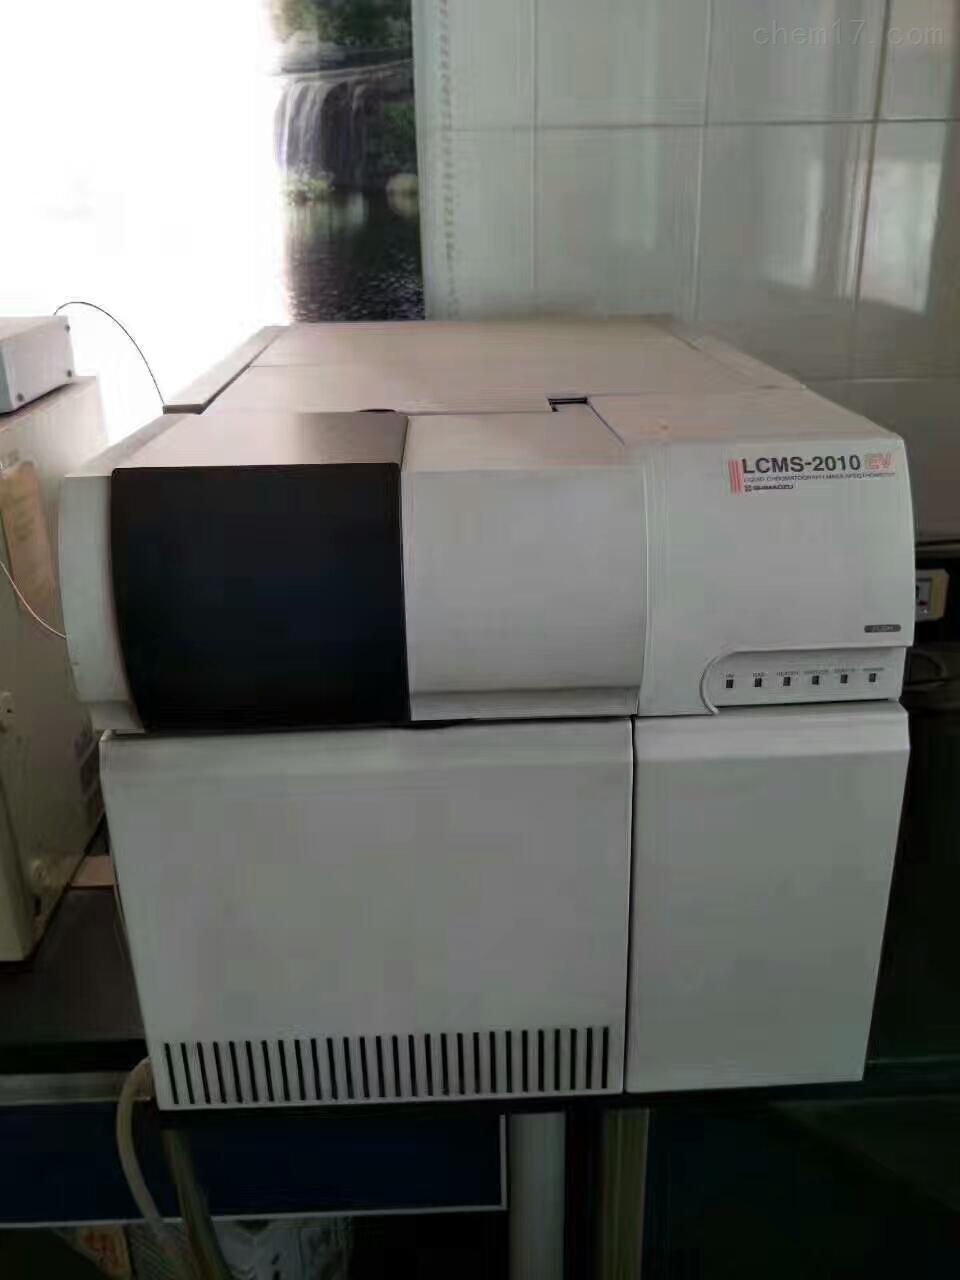 回收二手气相色谱仪用于分析二手实验仪器